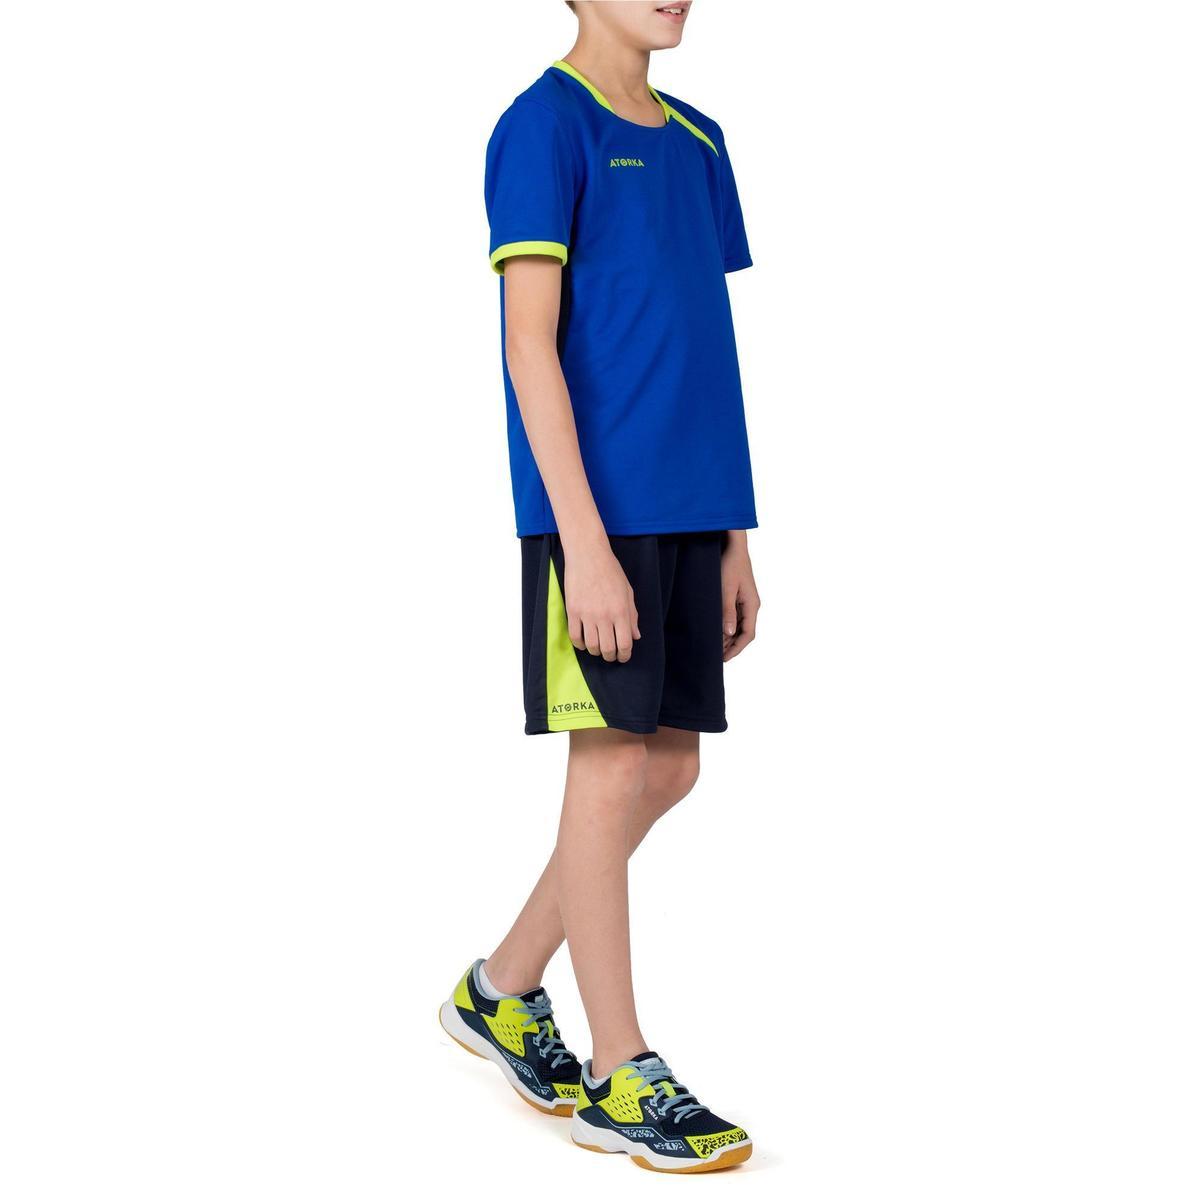 Bild 2 von Handballtrikot H100 Kinder blau/gelb